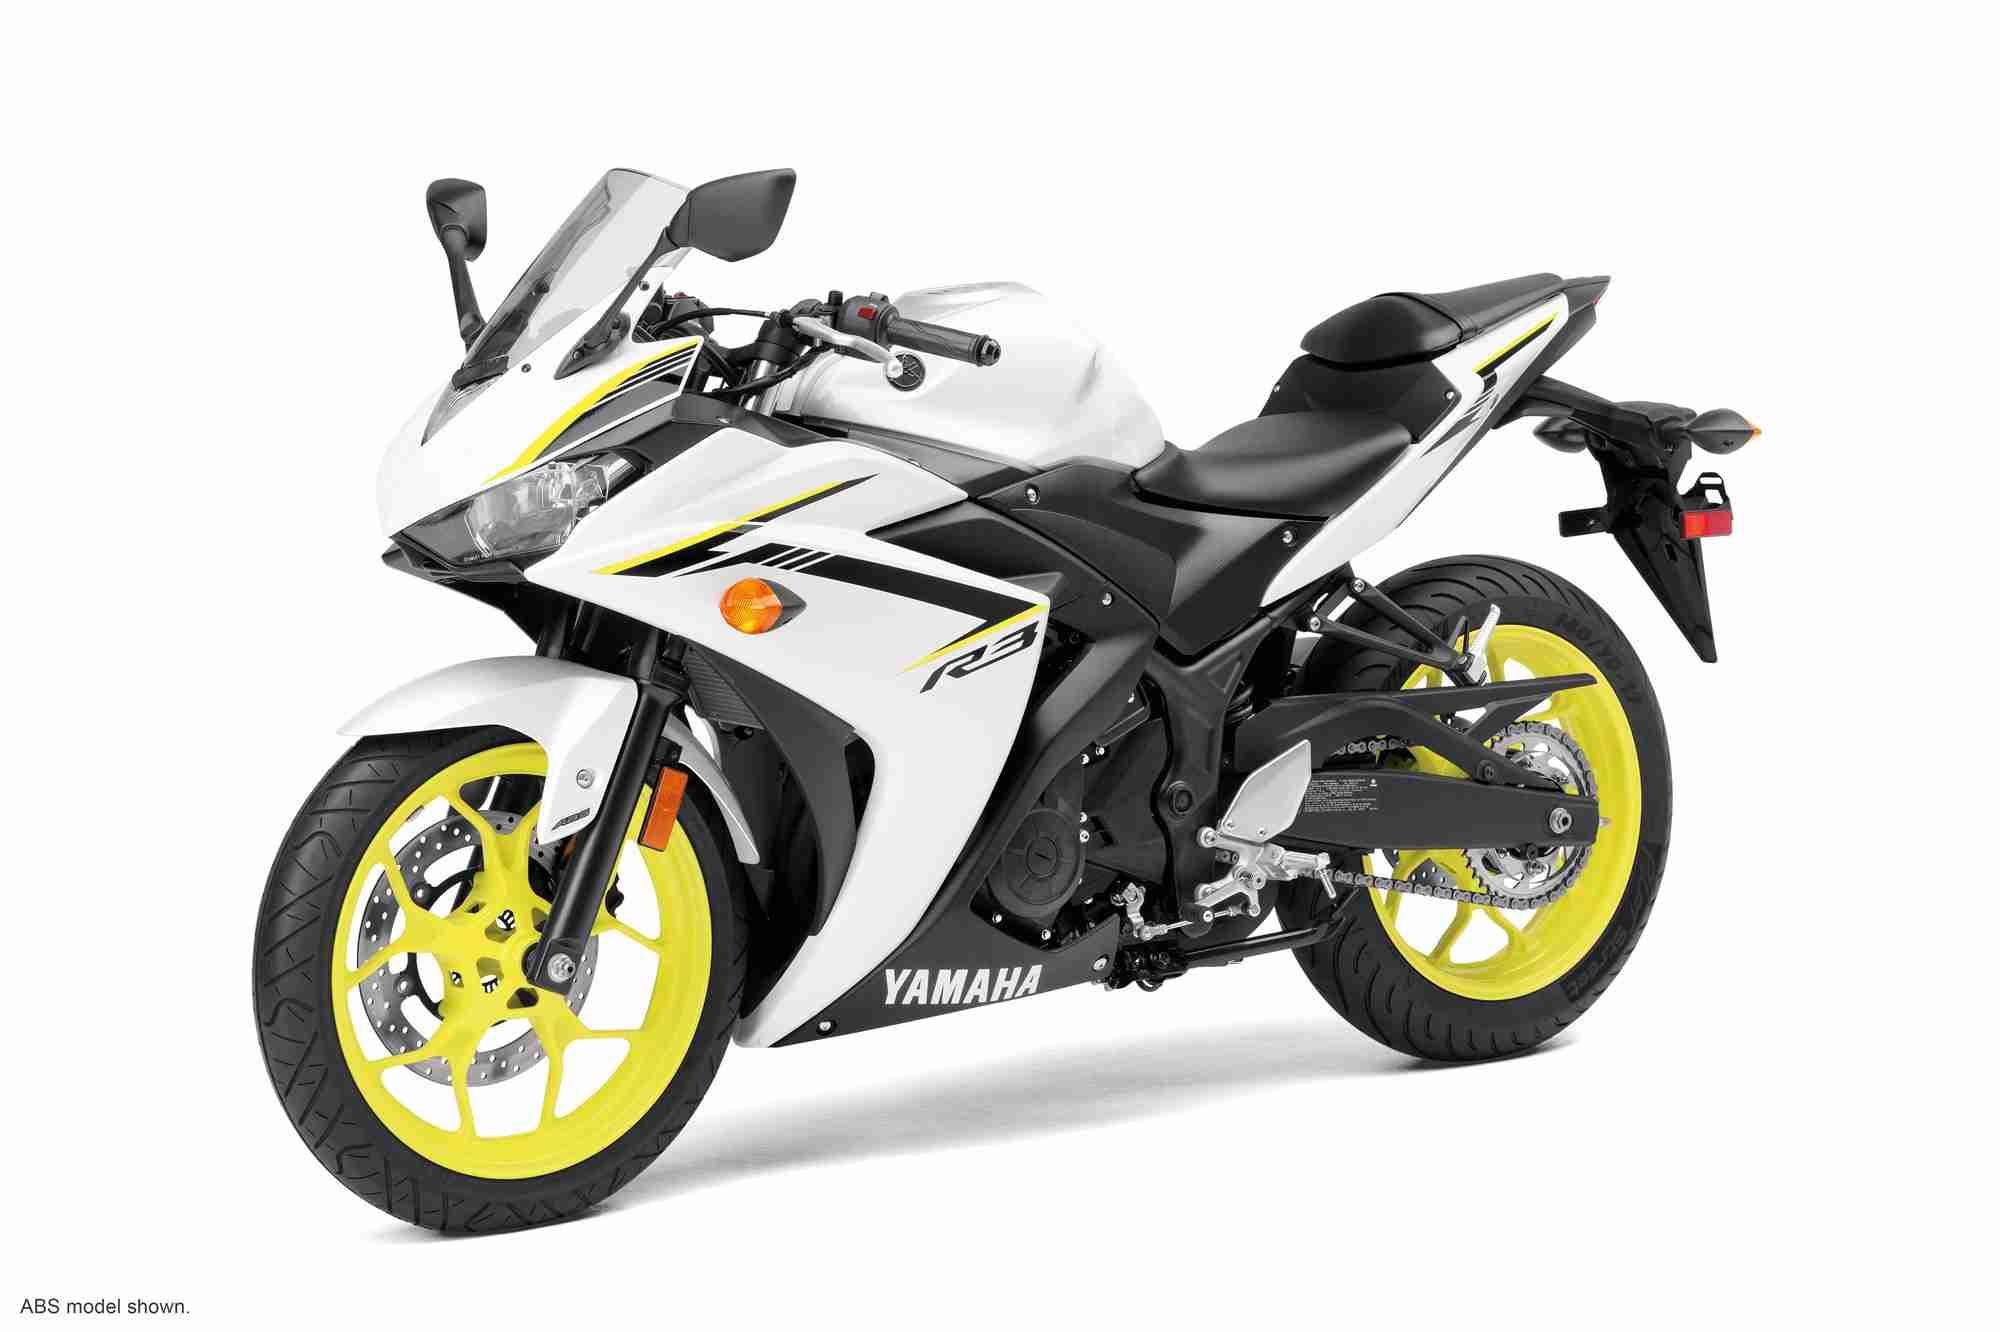 2018 Yamaha YZF-R3 images